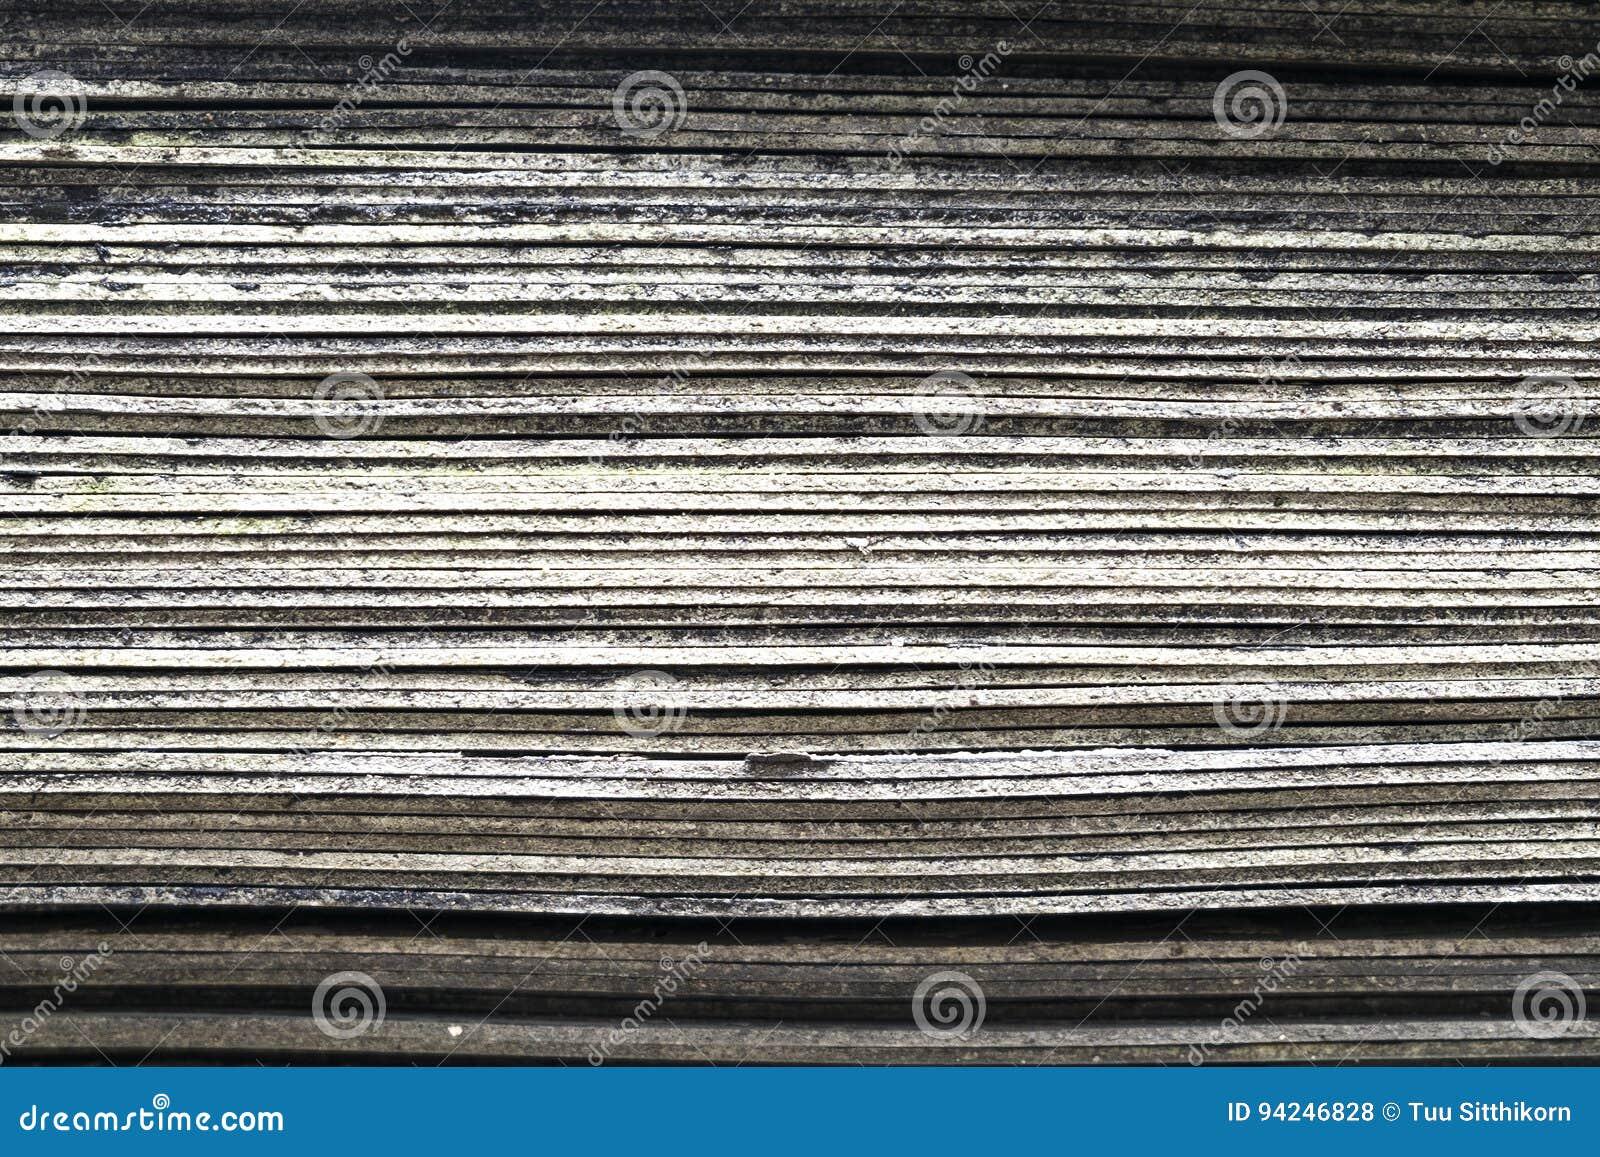 Pila di vecchia piastrella per pavimento di gomma strato